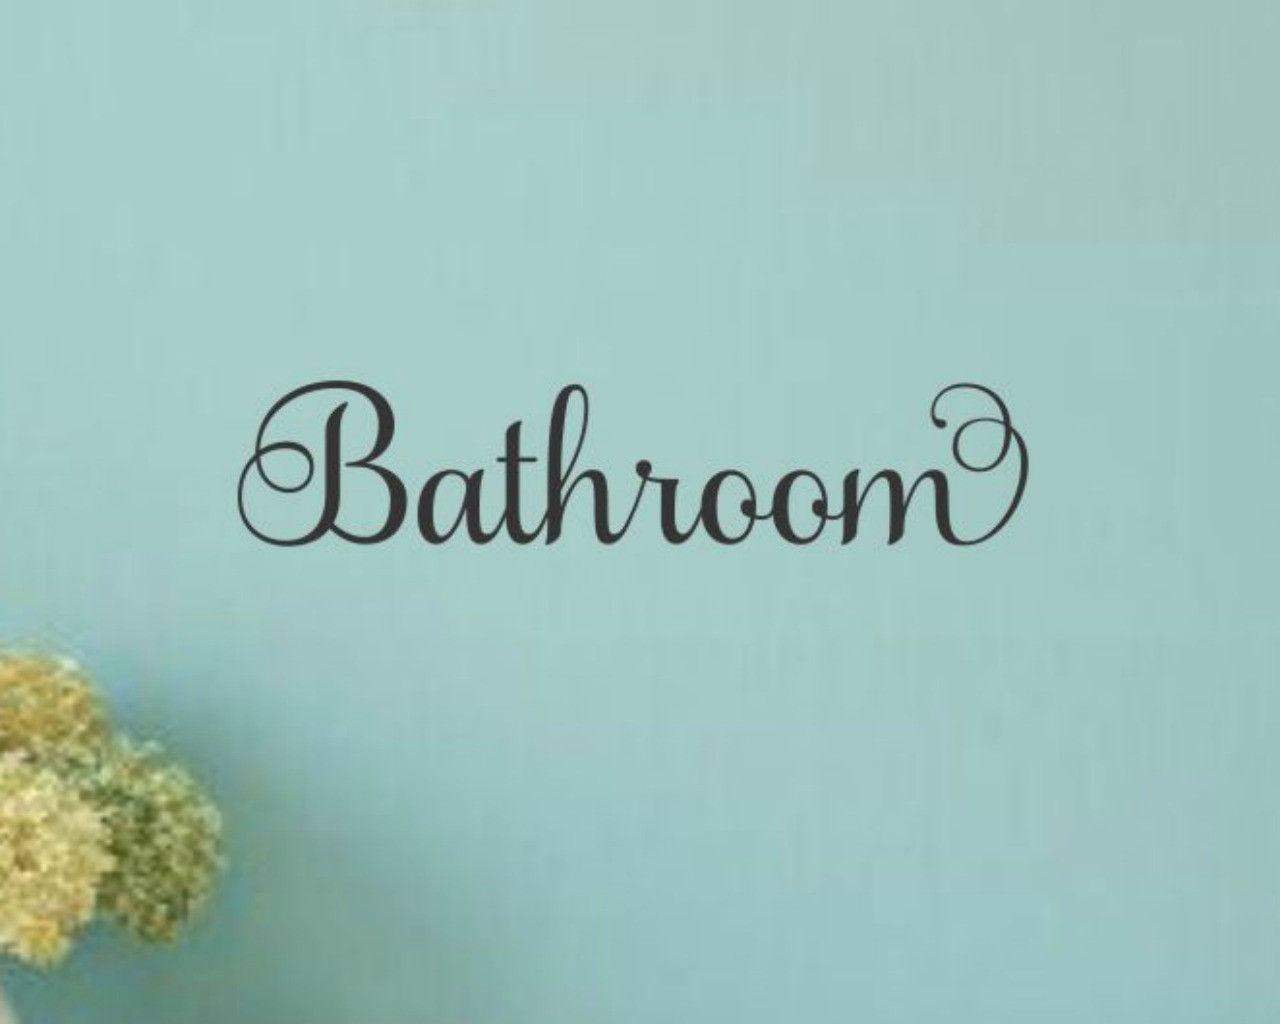 Bathroom door decal products